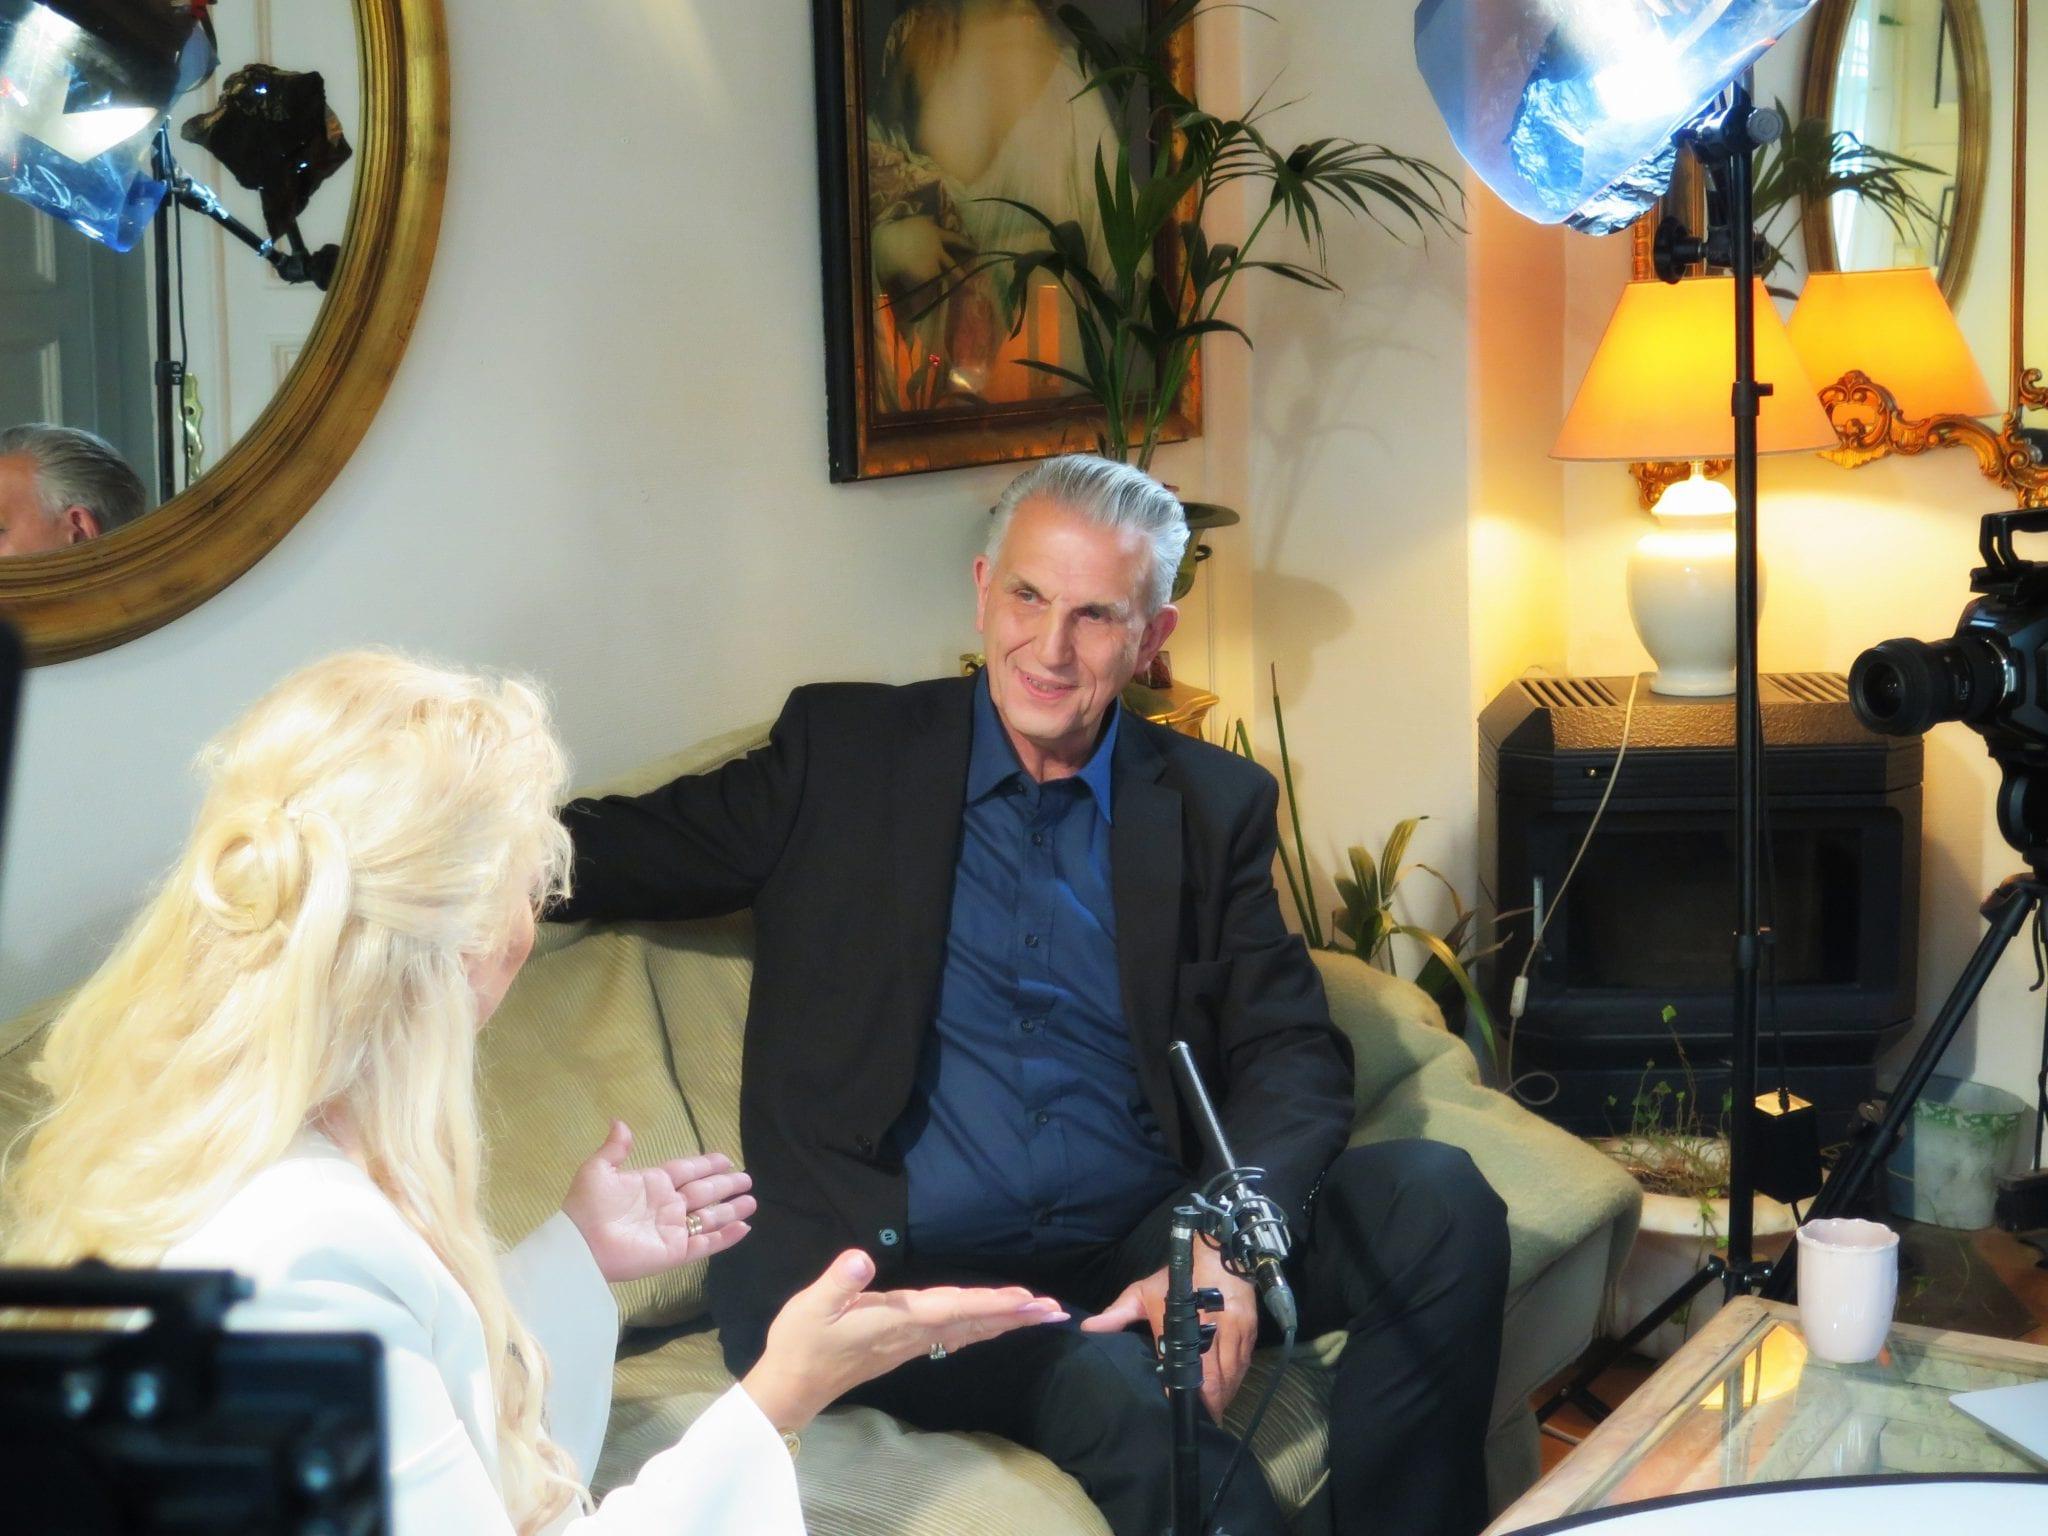 Lars Rønbeck Herland Report TV